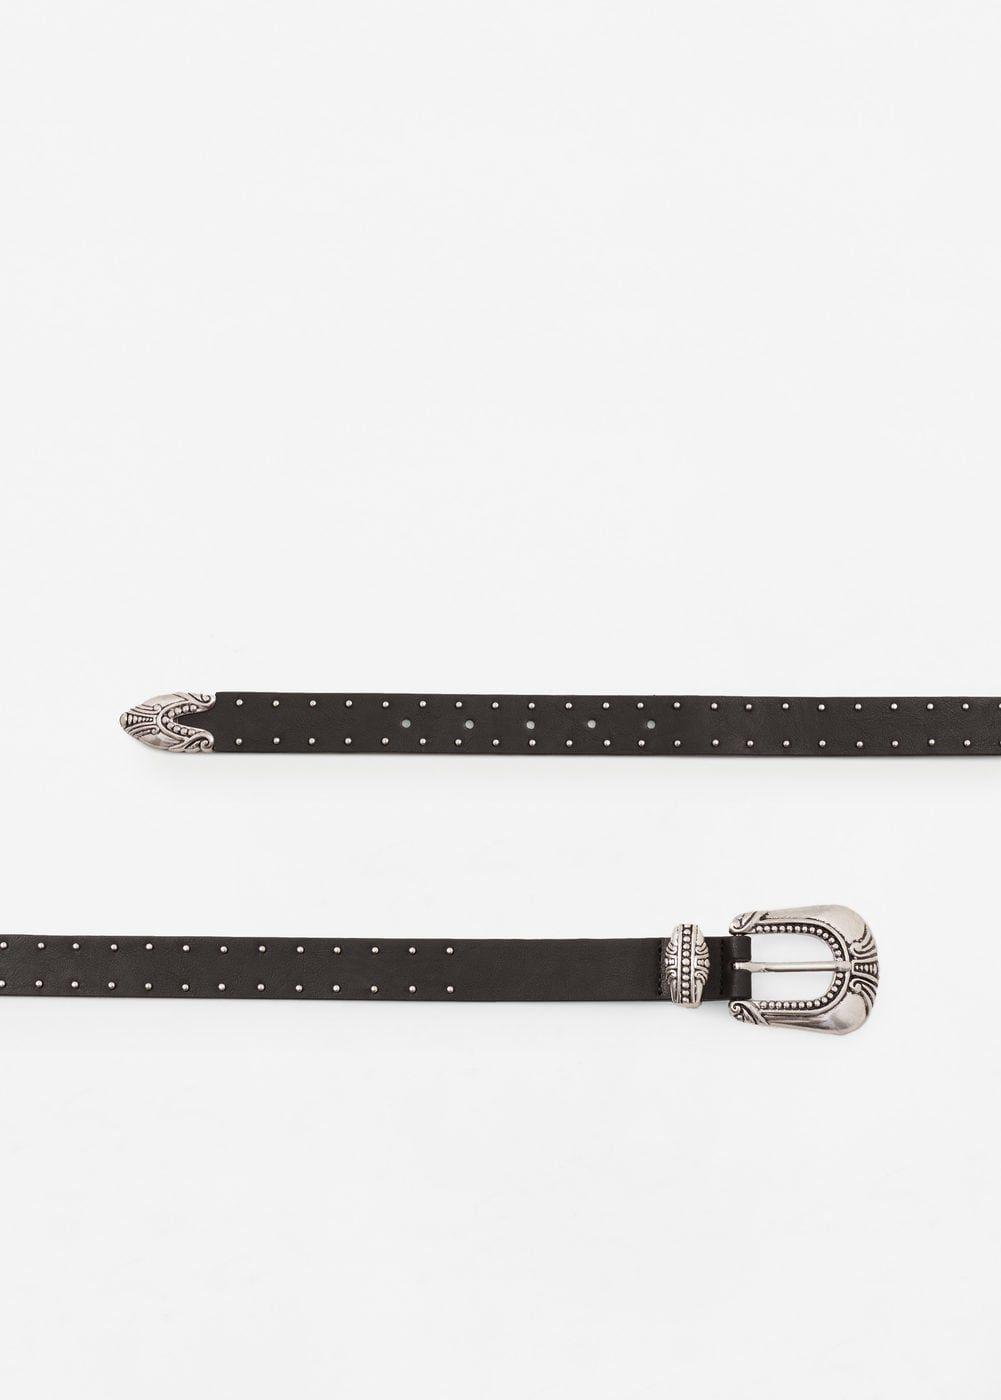 e58bd0a68 Cinturón tachuelas - Mujer | My wish list | Cinturones, Cinturones ...